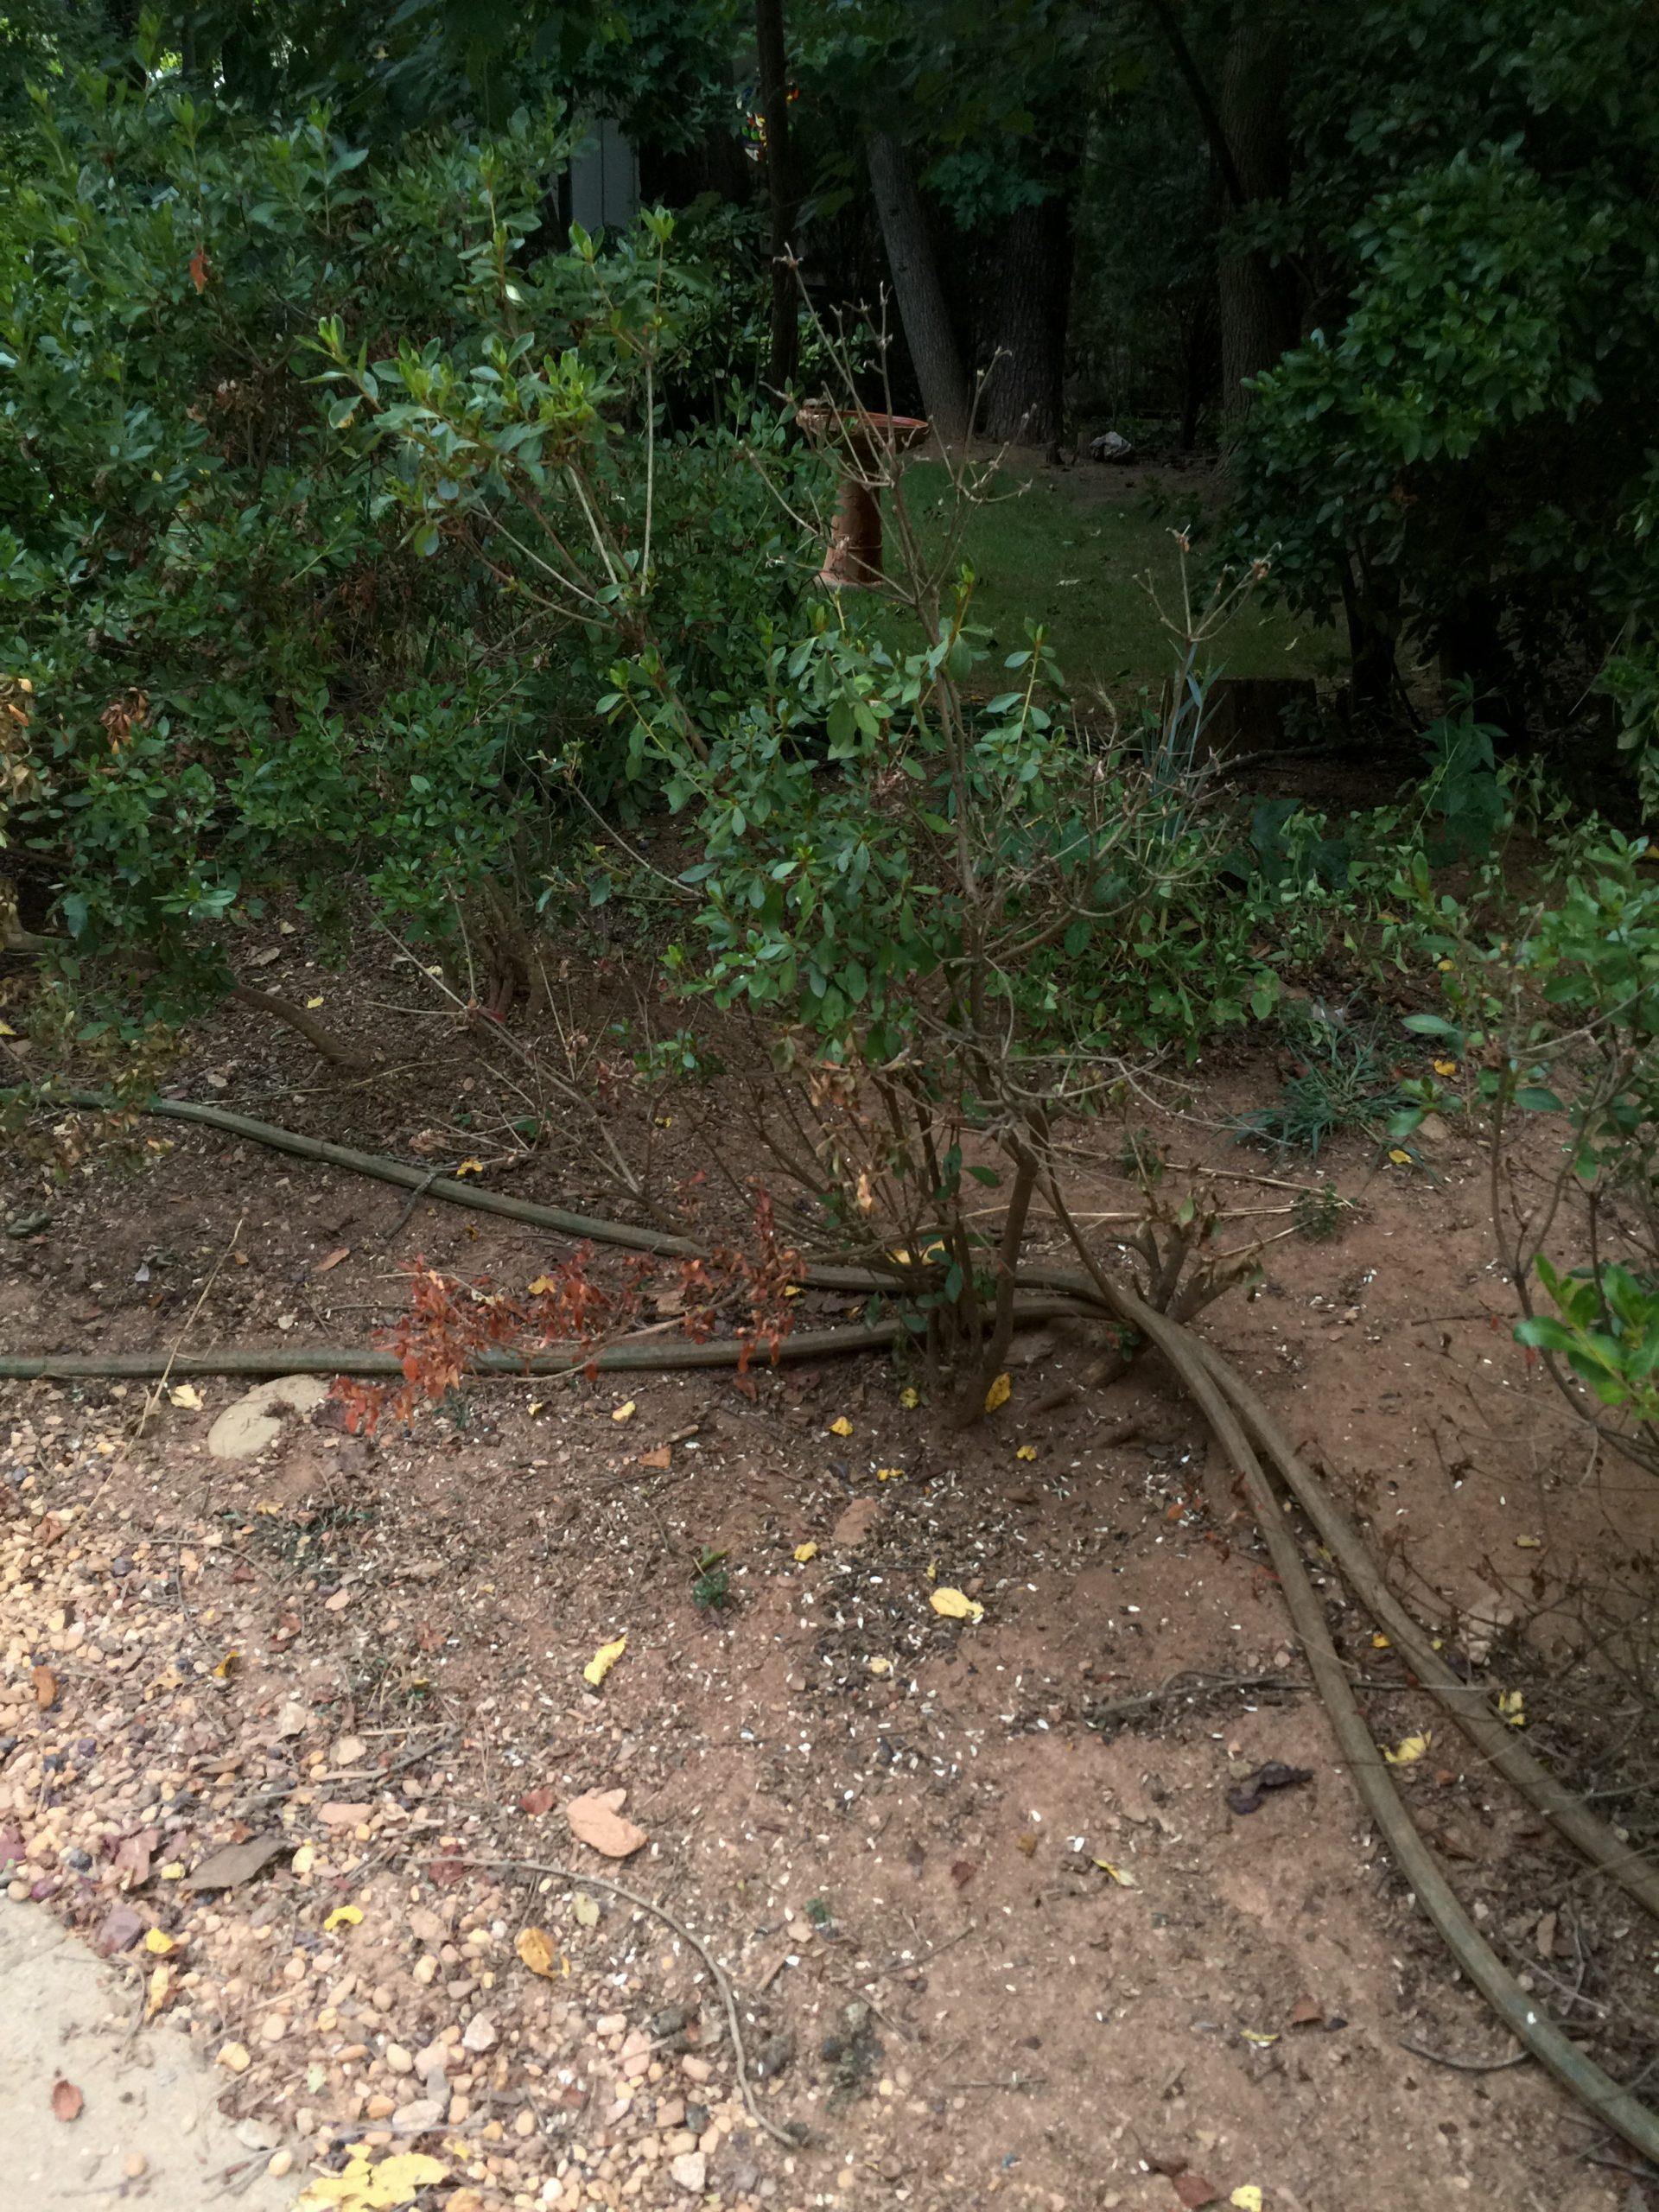 azalea drought damage 2